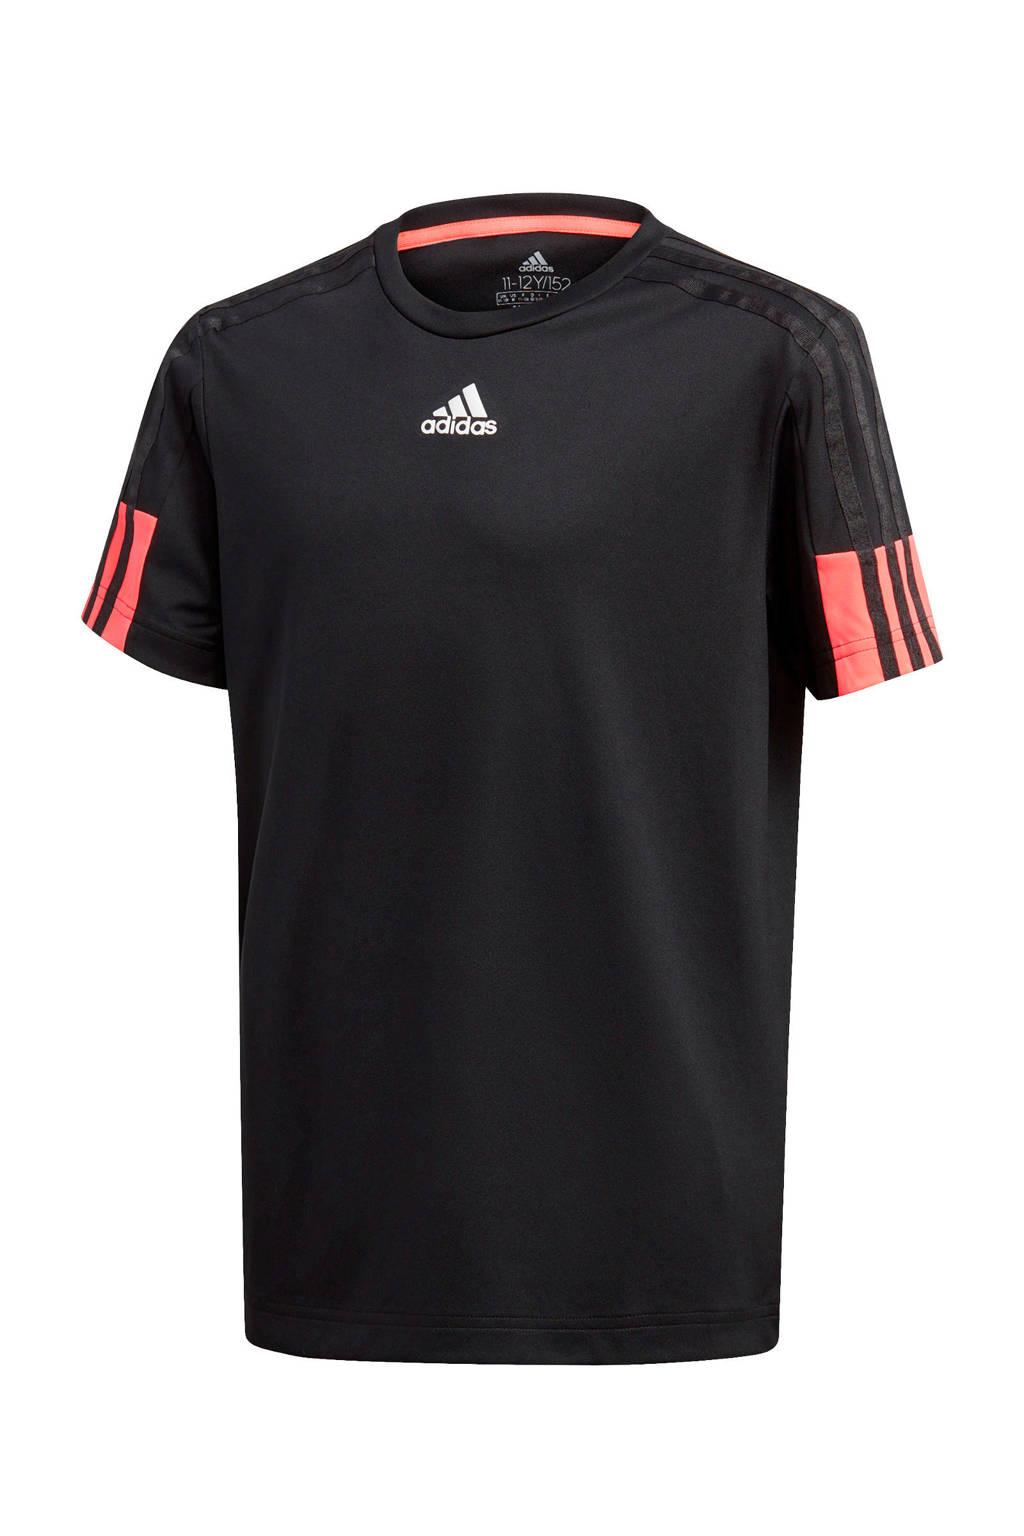 adidas Performance   sport T-shirt zwart/rood, Zwart/rood